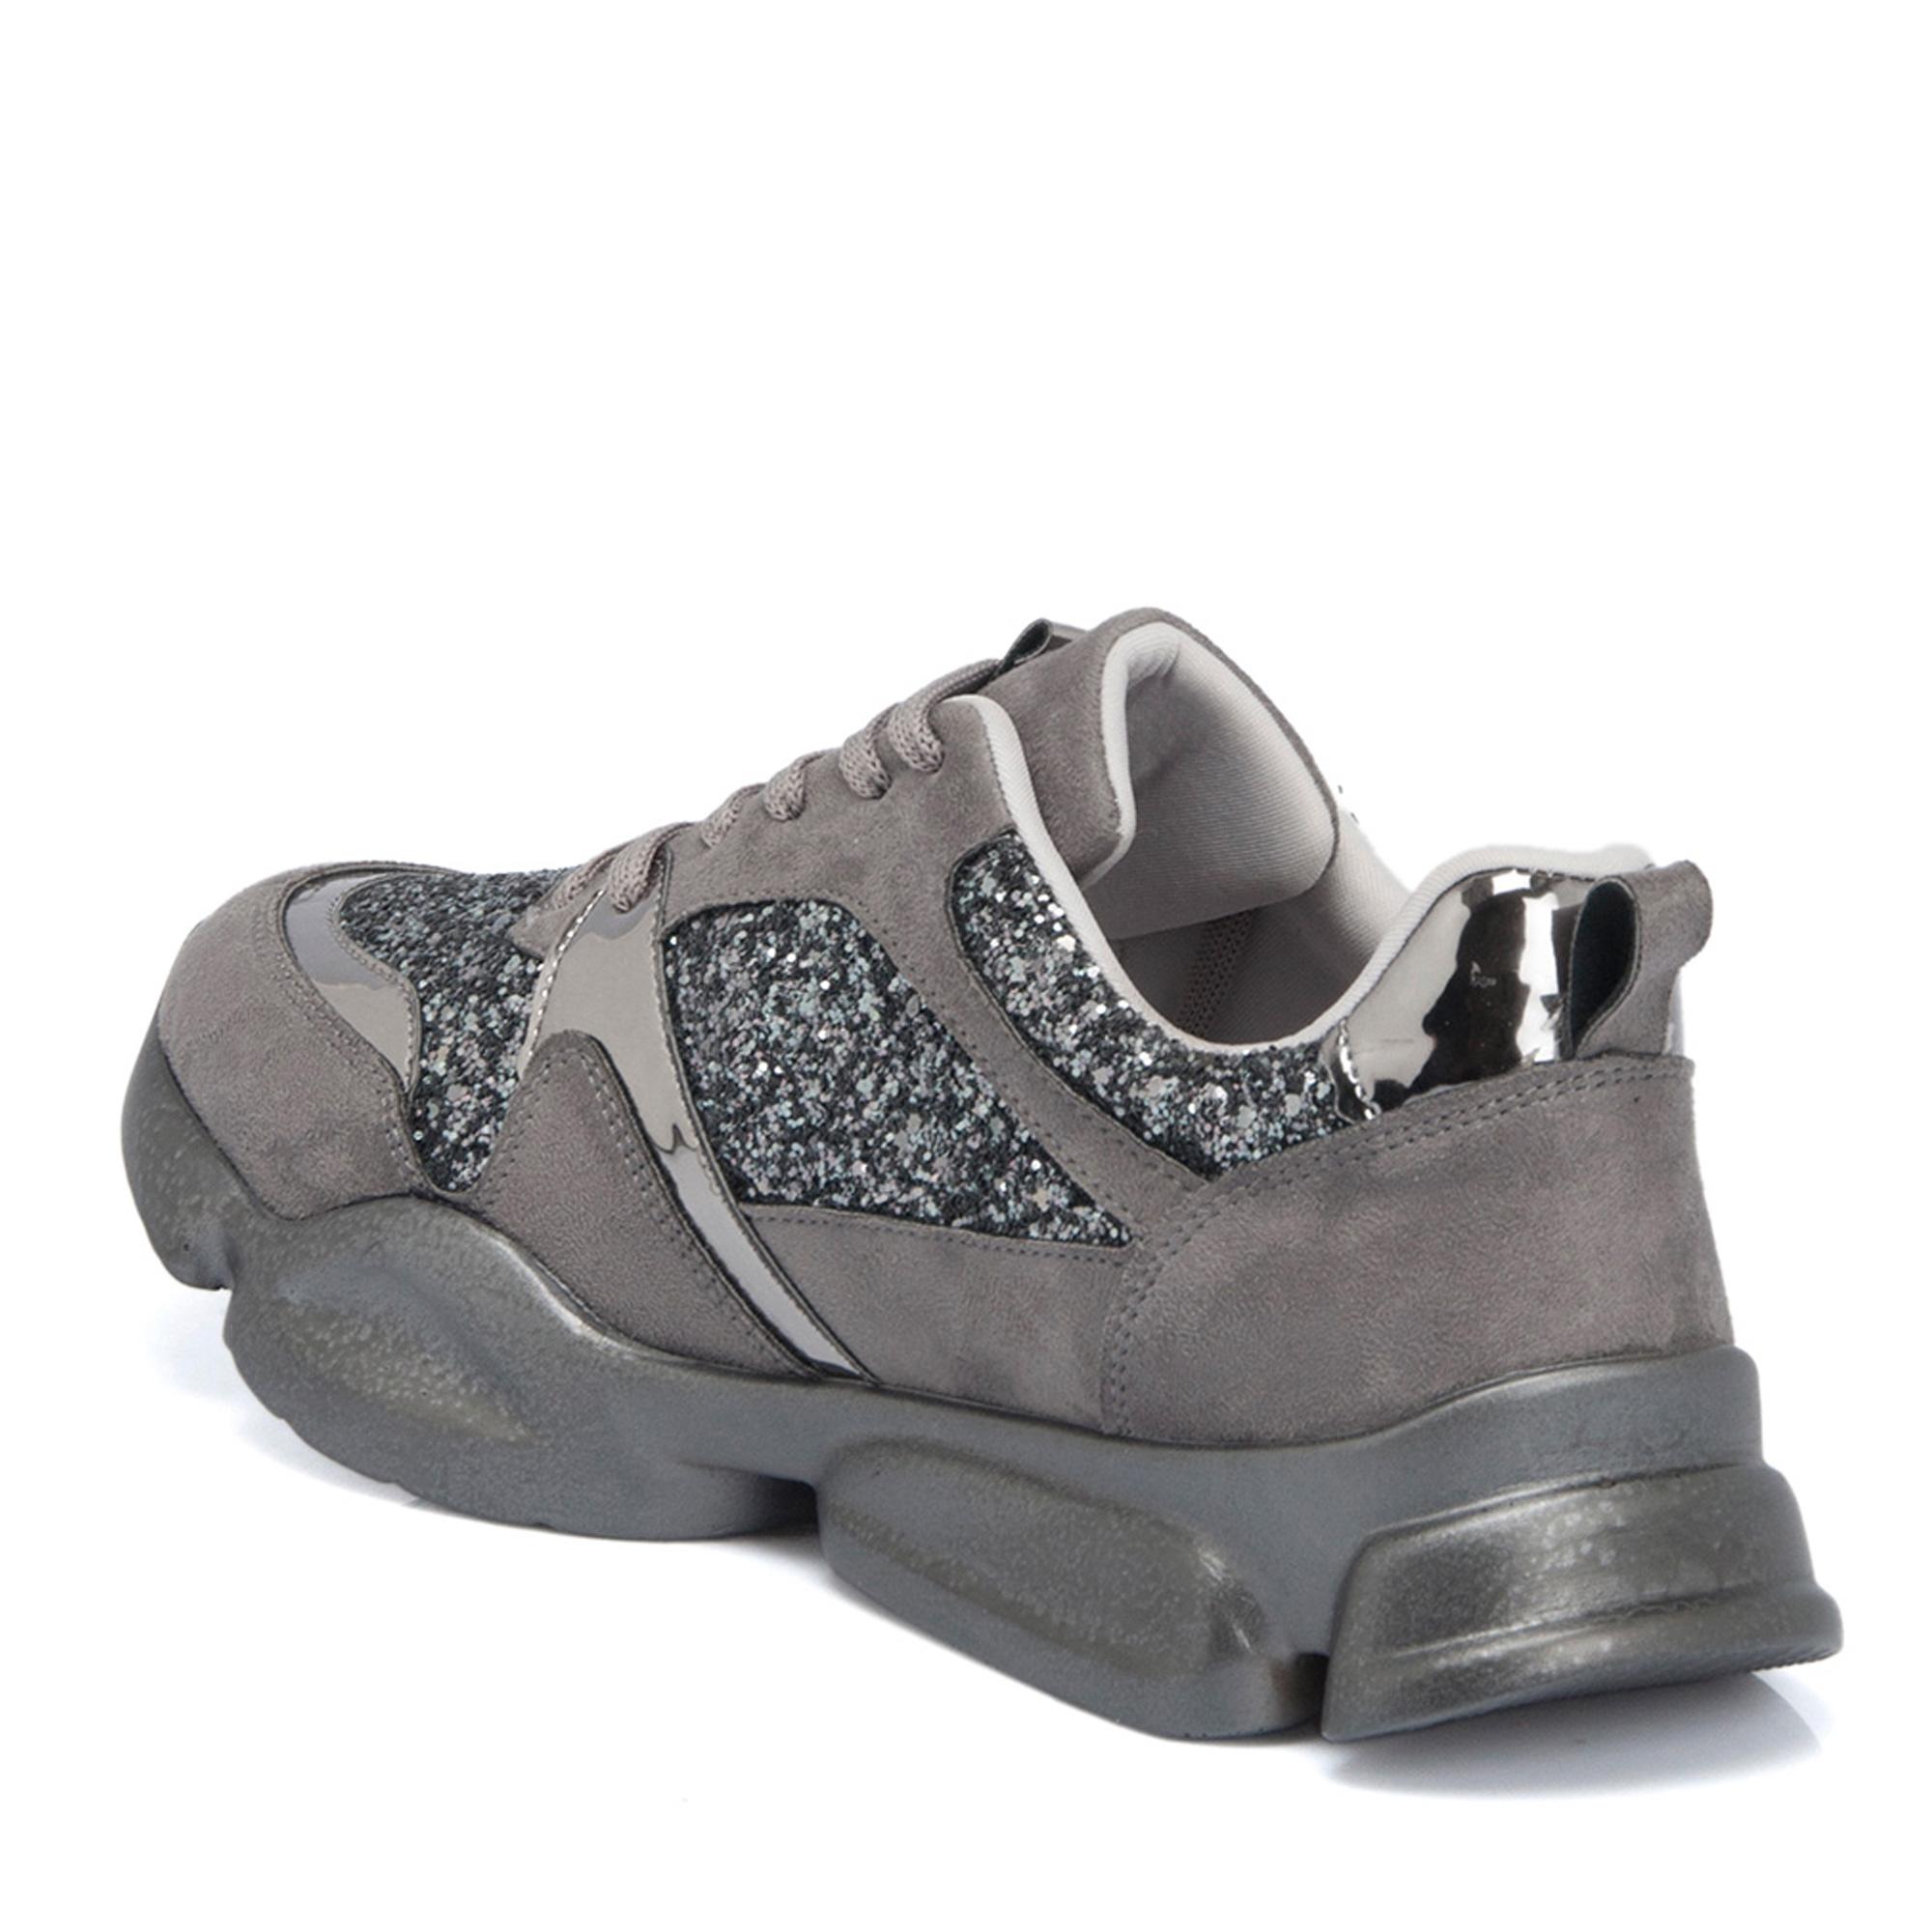 Gri Vegan Kadın Ayakkabı 64515L9V